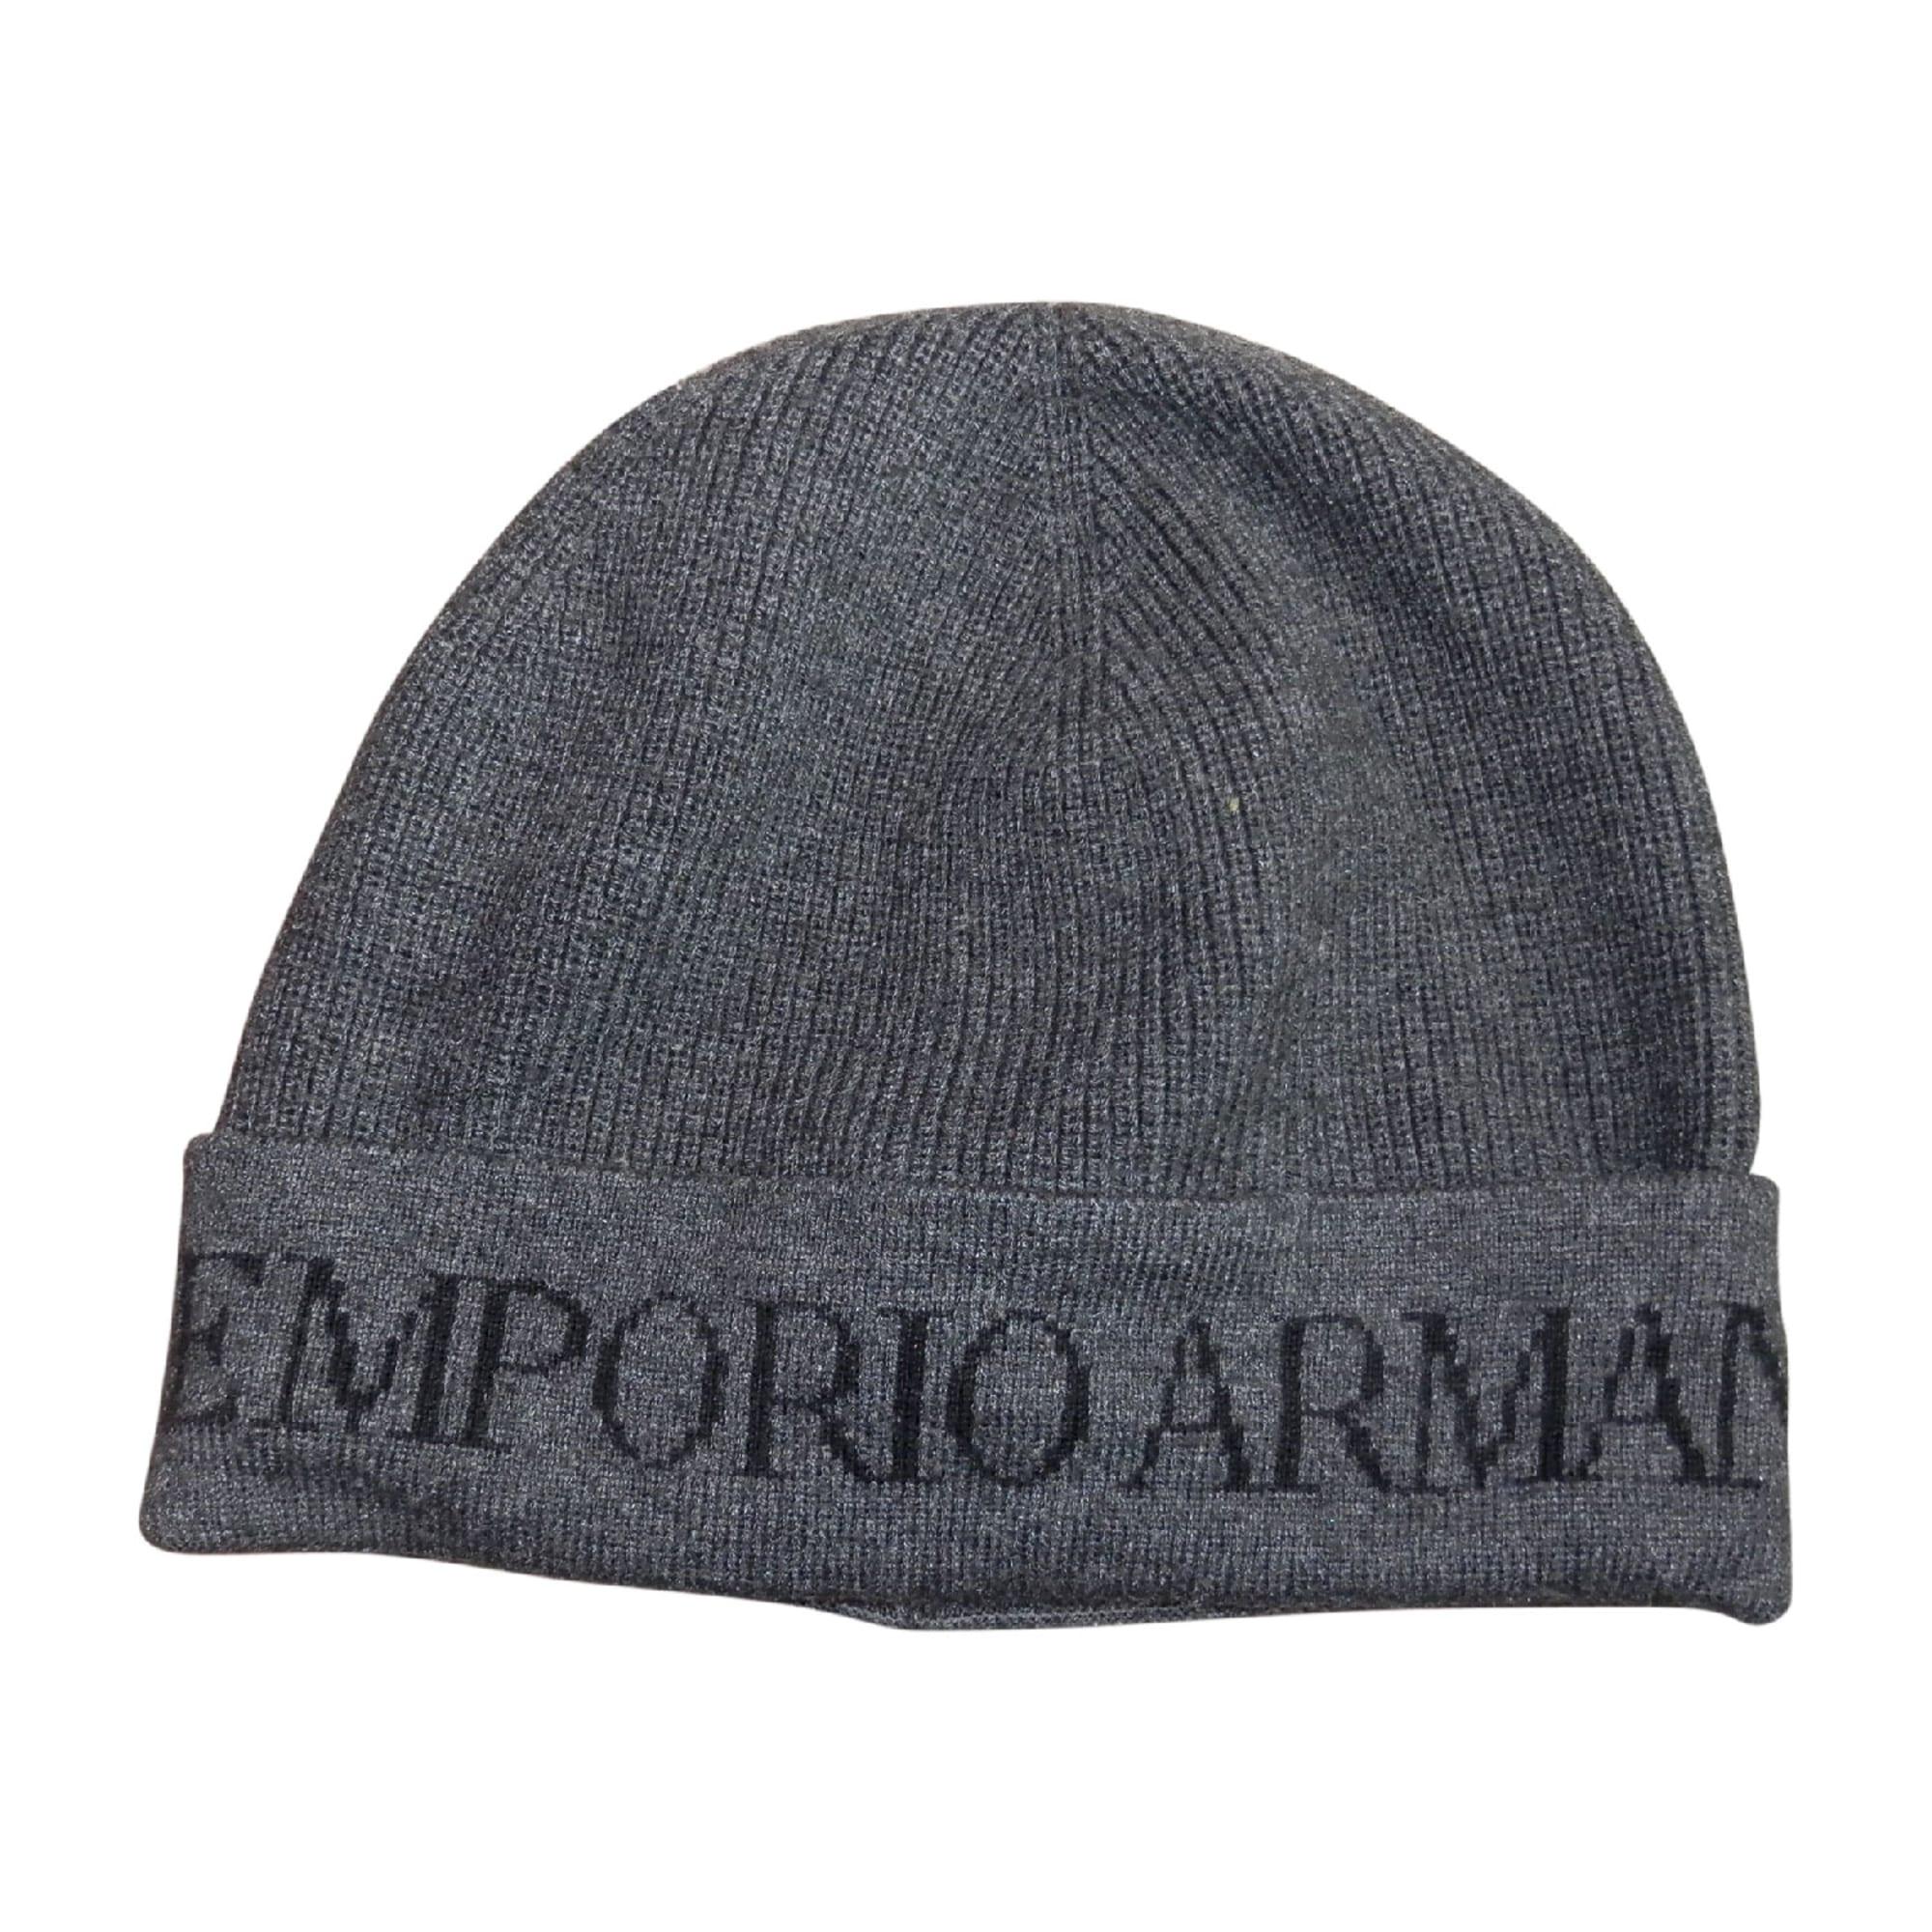 4a8121e73ee Bonnet EMPORIO ARMANI 7-8 ans gris - 4325613